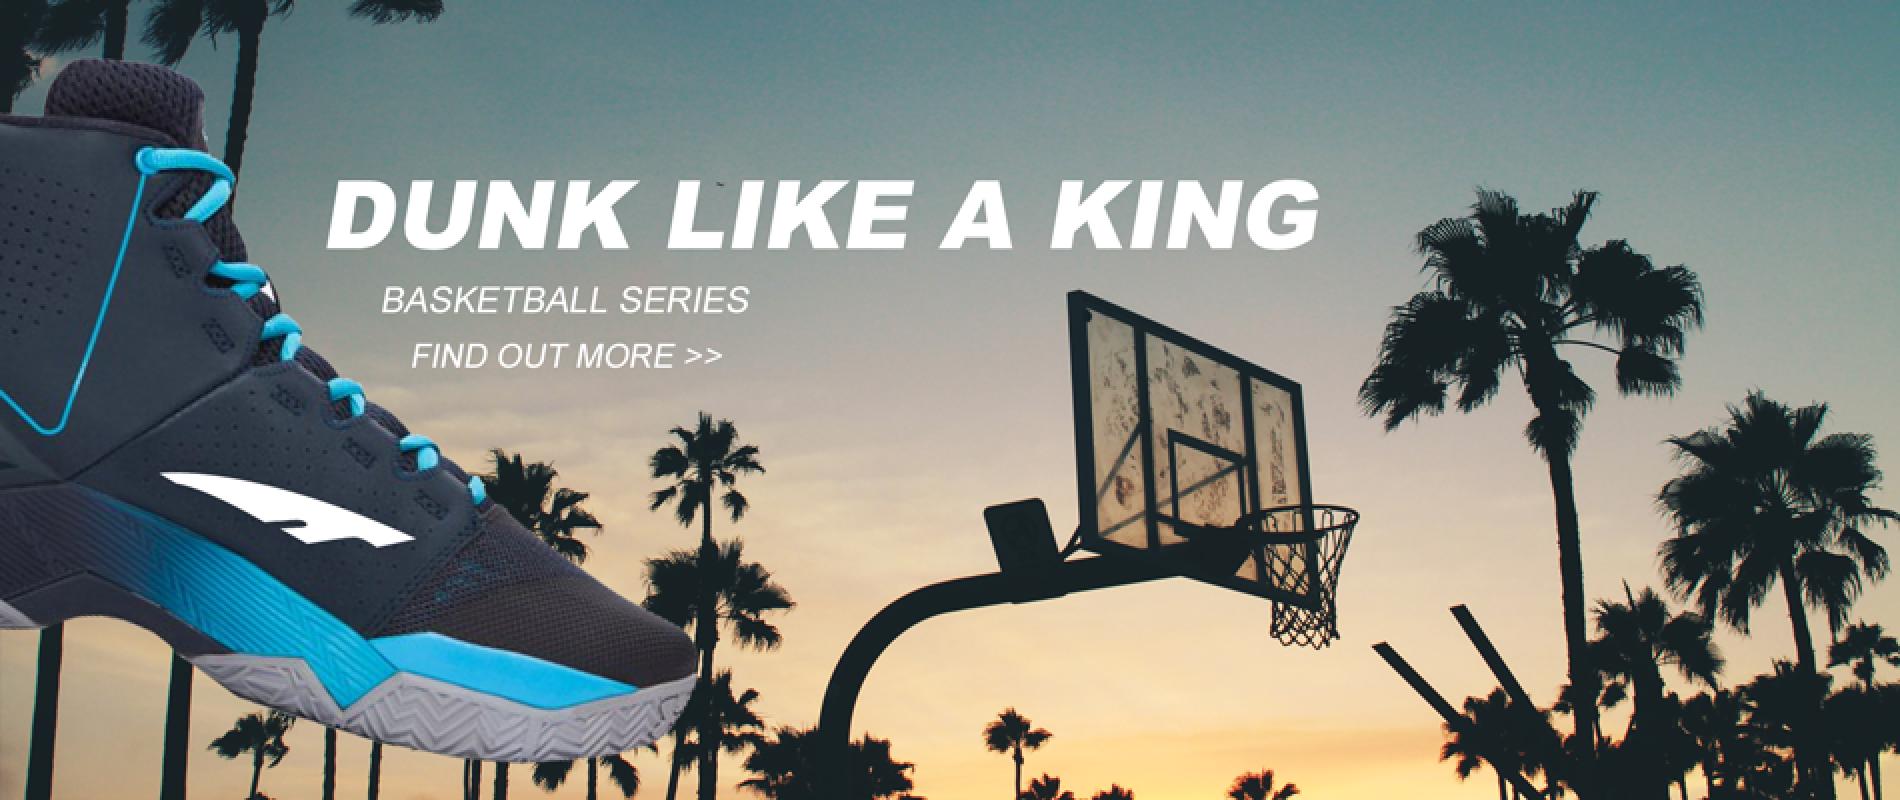 Basketball Series